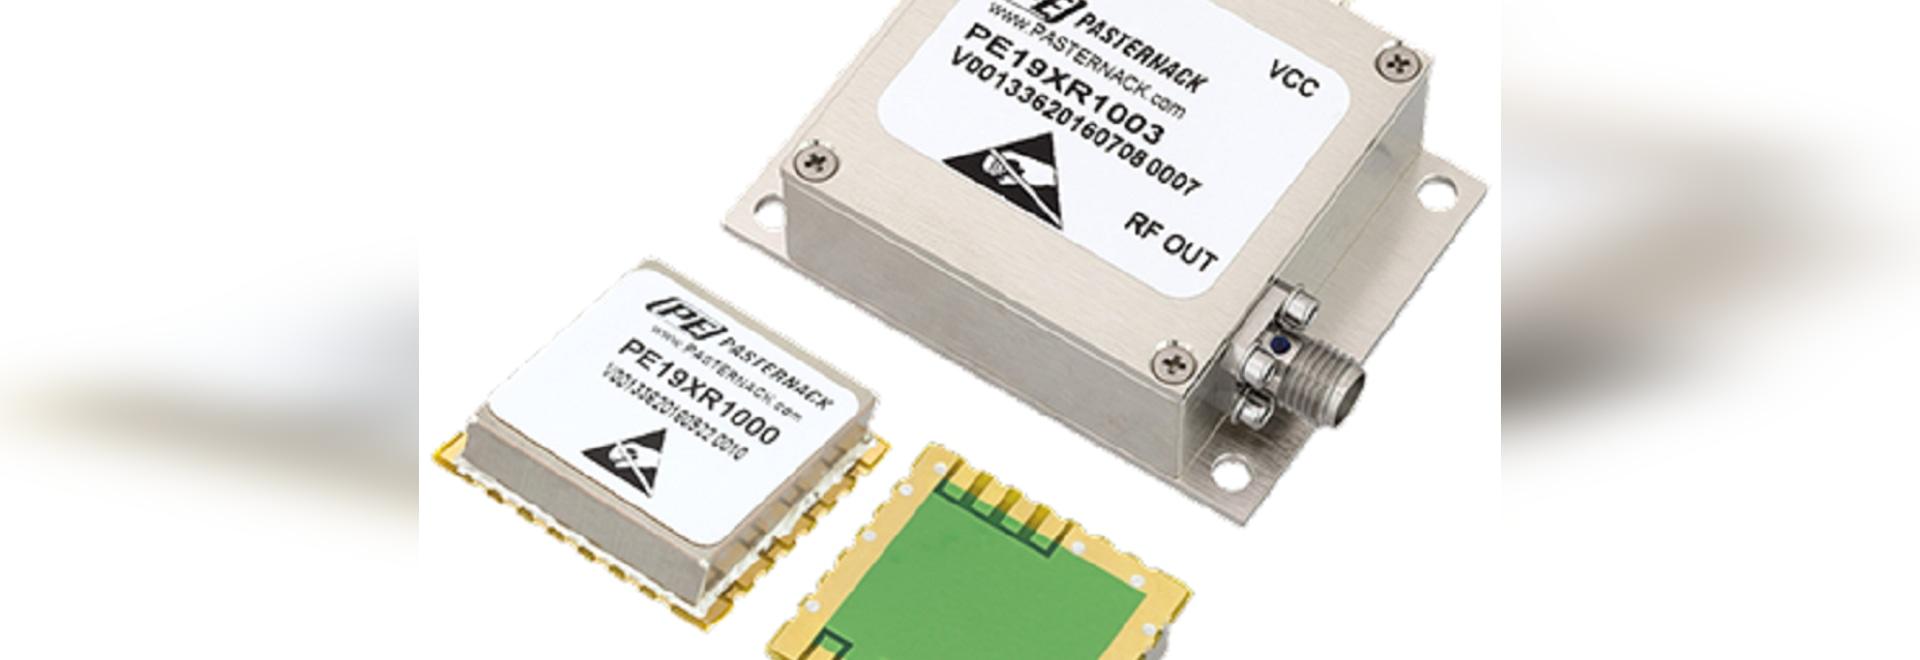 Línea de productos de Libre-funcionamiento del oscilador de la referencia naves el mismo día de Pasternack